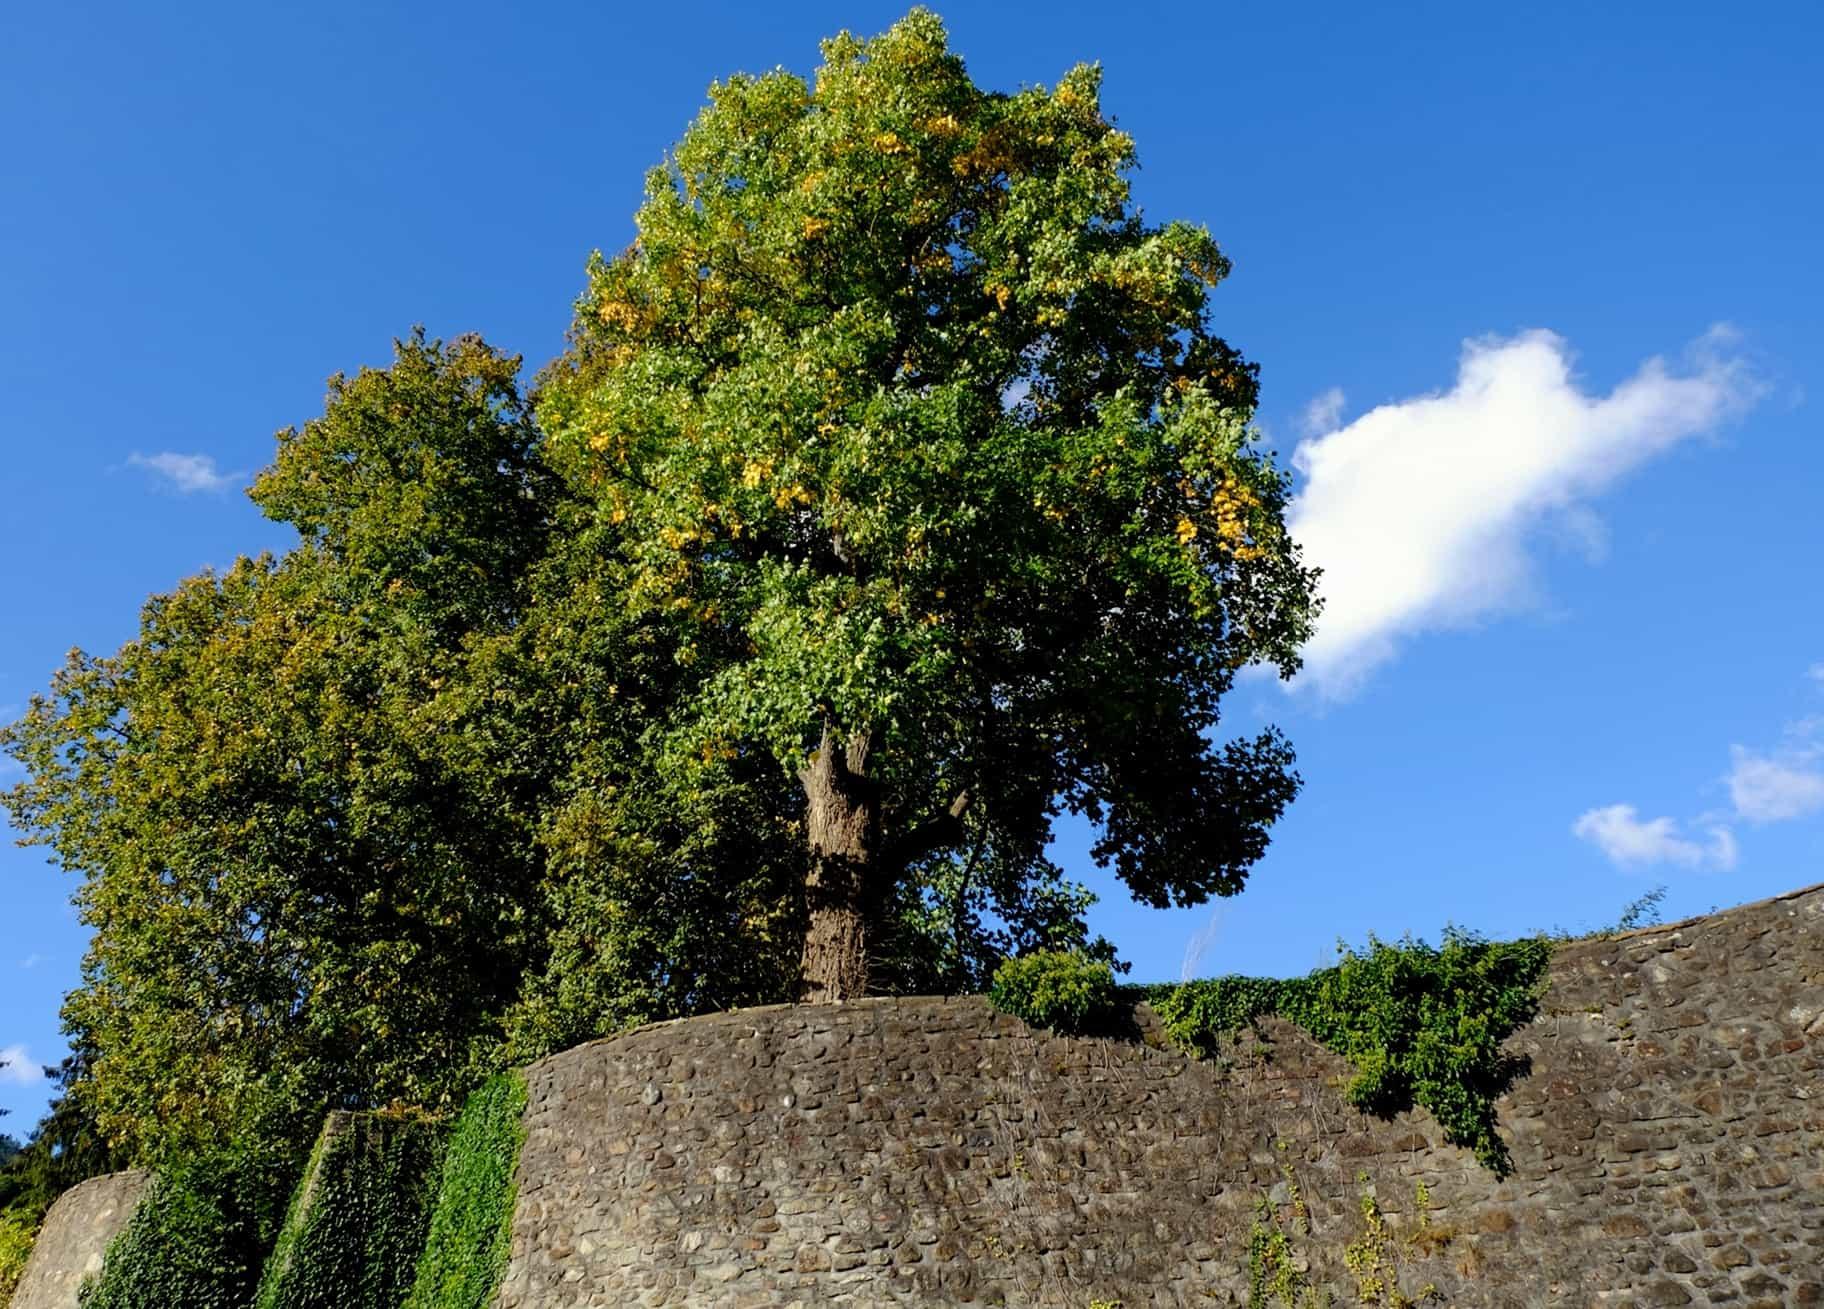 Image Libre Nature Arbre Ciel Plante Paysage Ext Rieur